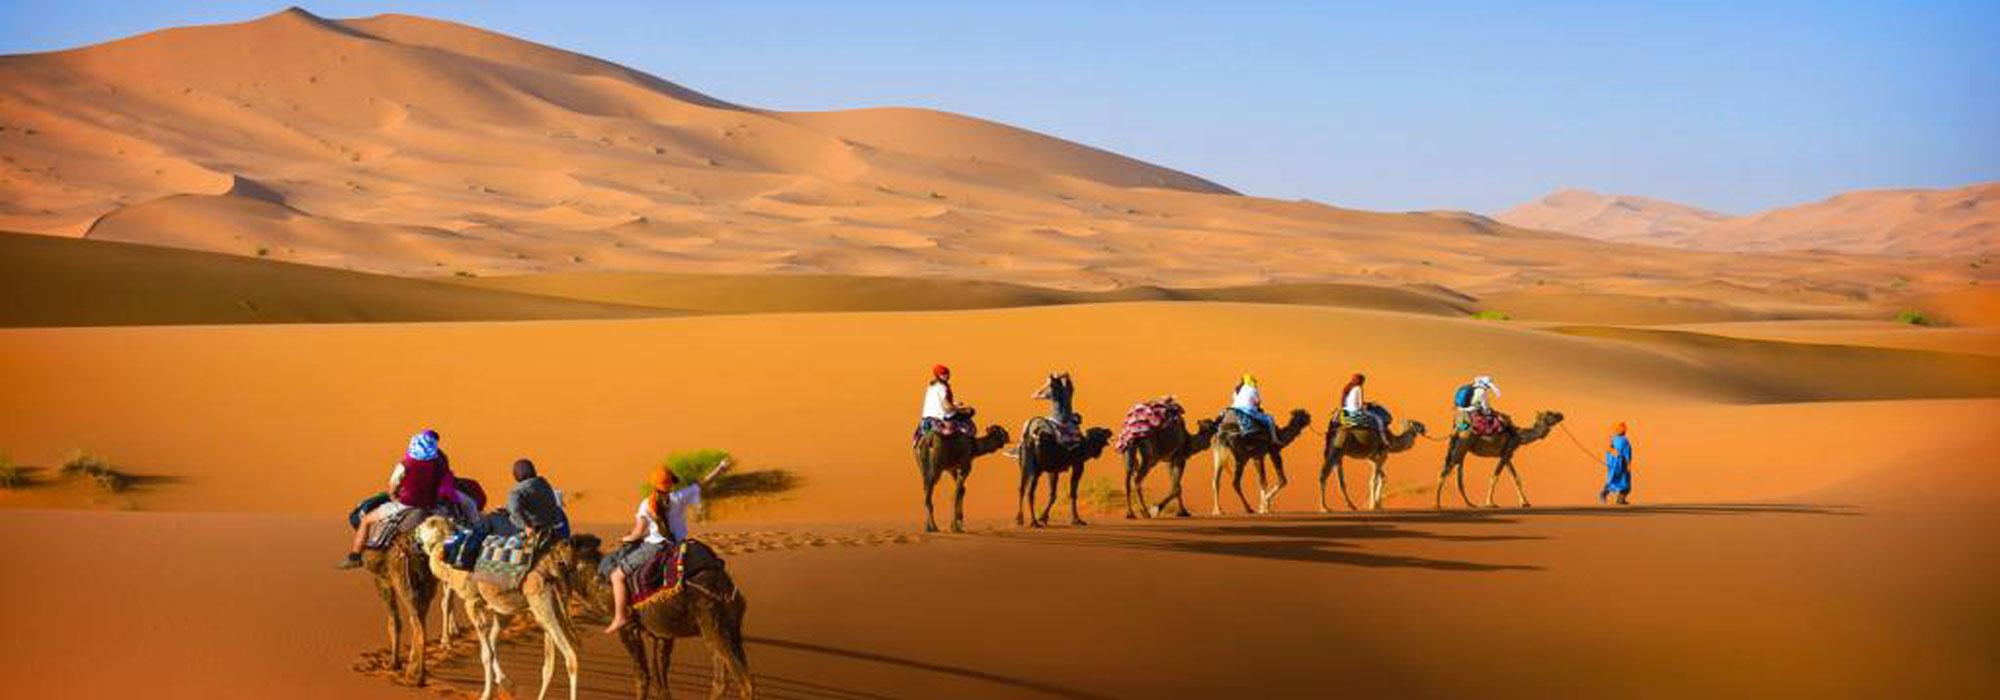 Camel-trekking-tour-marrakech